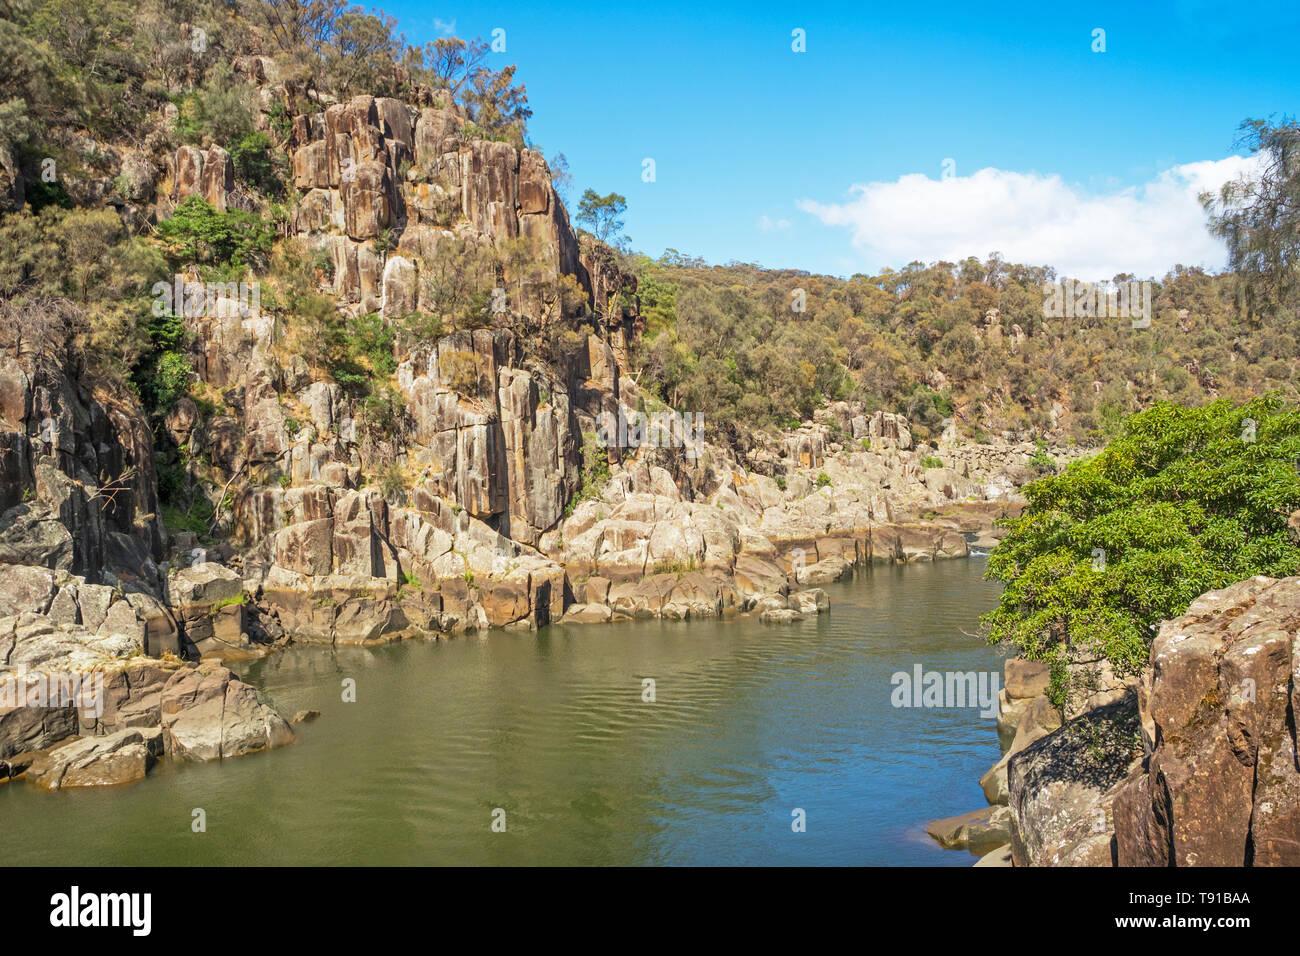 Cataract Gorge, dans la section inférieure de la rivière South Esk à Launceston, en Tasmanie, est l'une des principales attractions touristiques de la région. Photo Stock